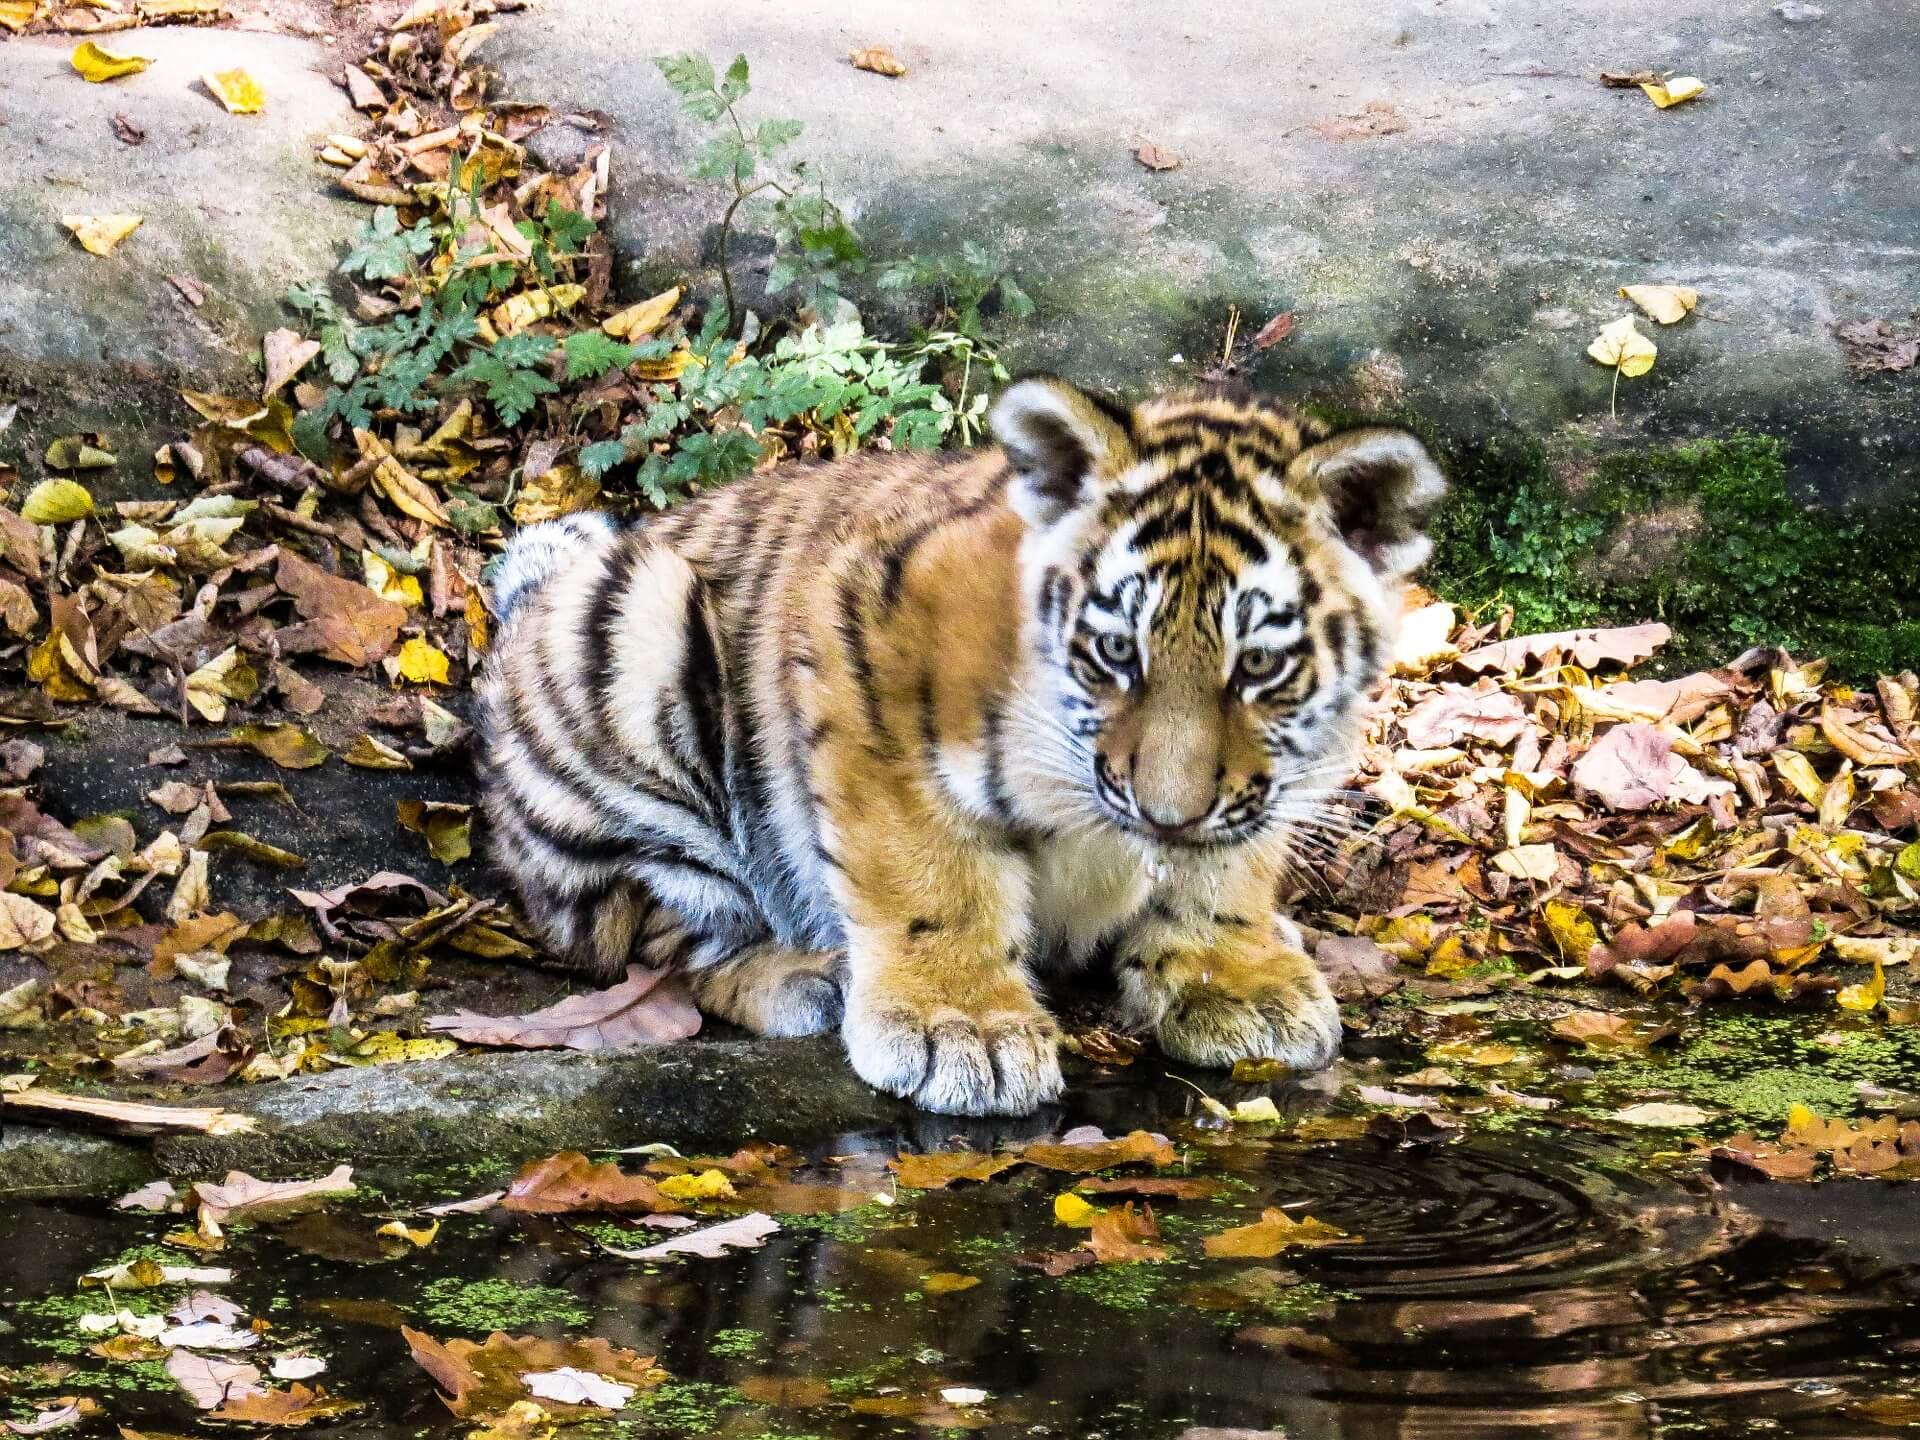 tiger-987678_1920